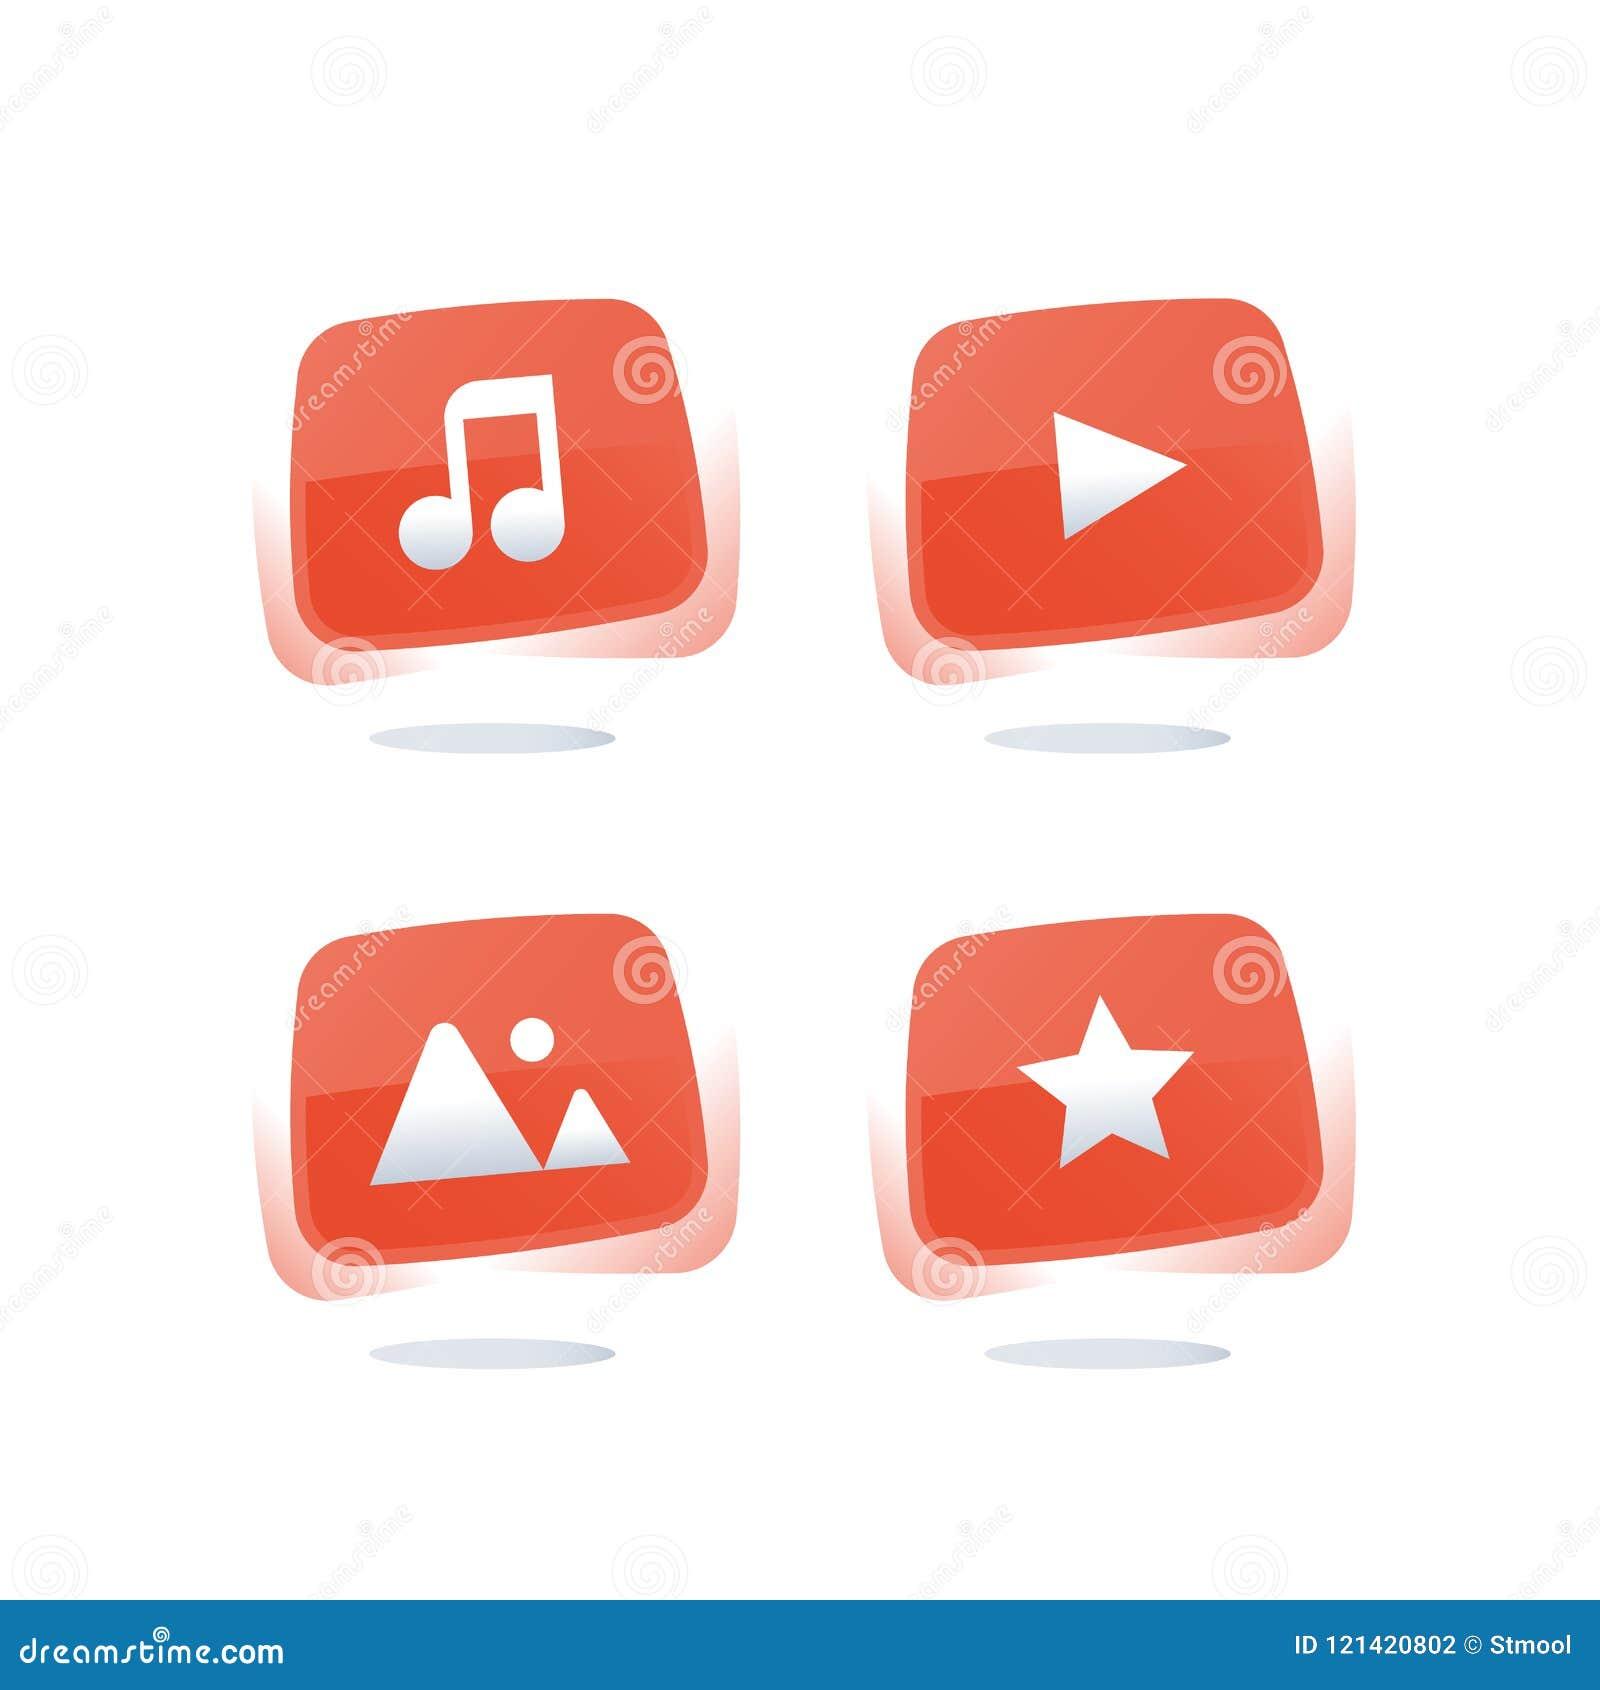 Онлайн обслуживание музыки, вахта течь видео, кнопки сети средств массовой информации красные, загружает тональнозвуковой файл, р